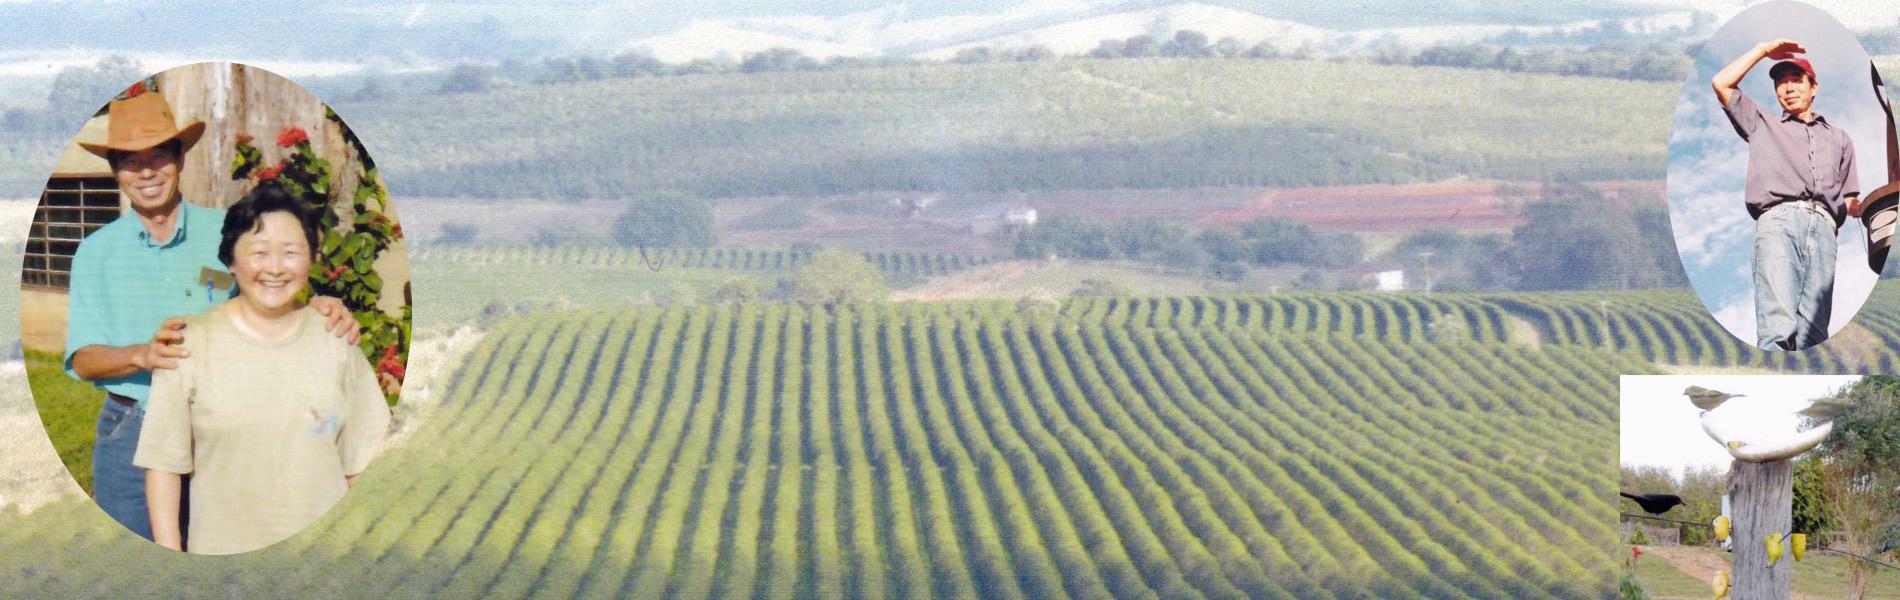 パライーゾ農園 毎日一万回「ありがとう」SUZUKI有機JAS「極みコーヒー」